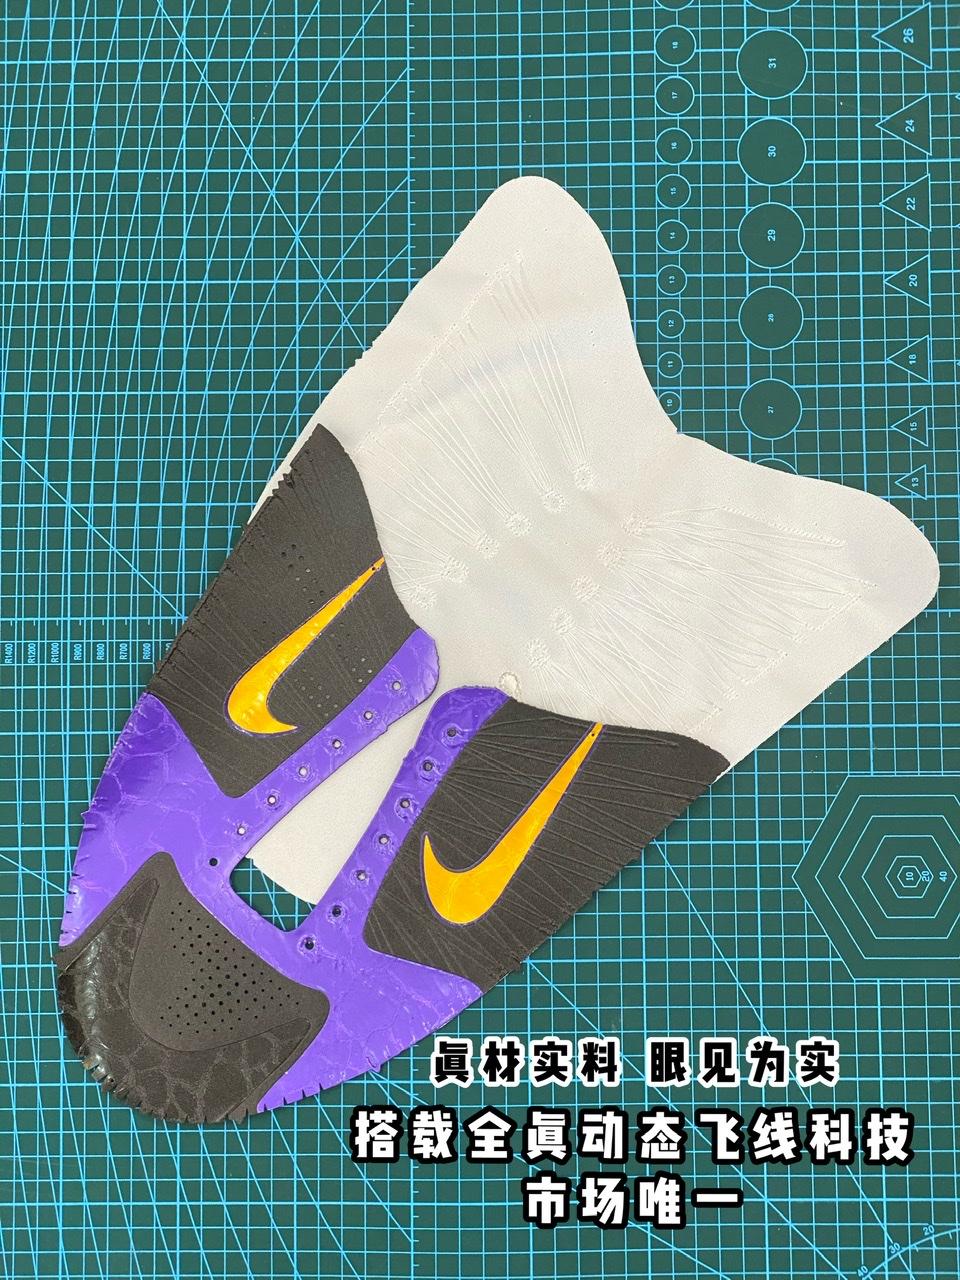 货号:CD4991-001灭世纯原科比5代 紫金王朝(年)_哪里有ljr版本的鞋子